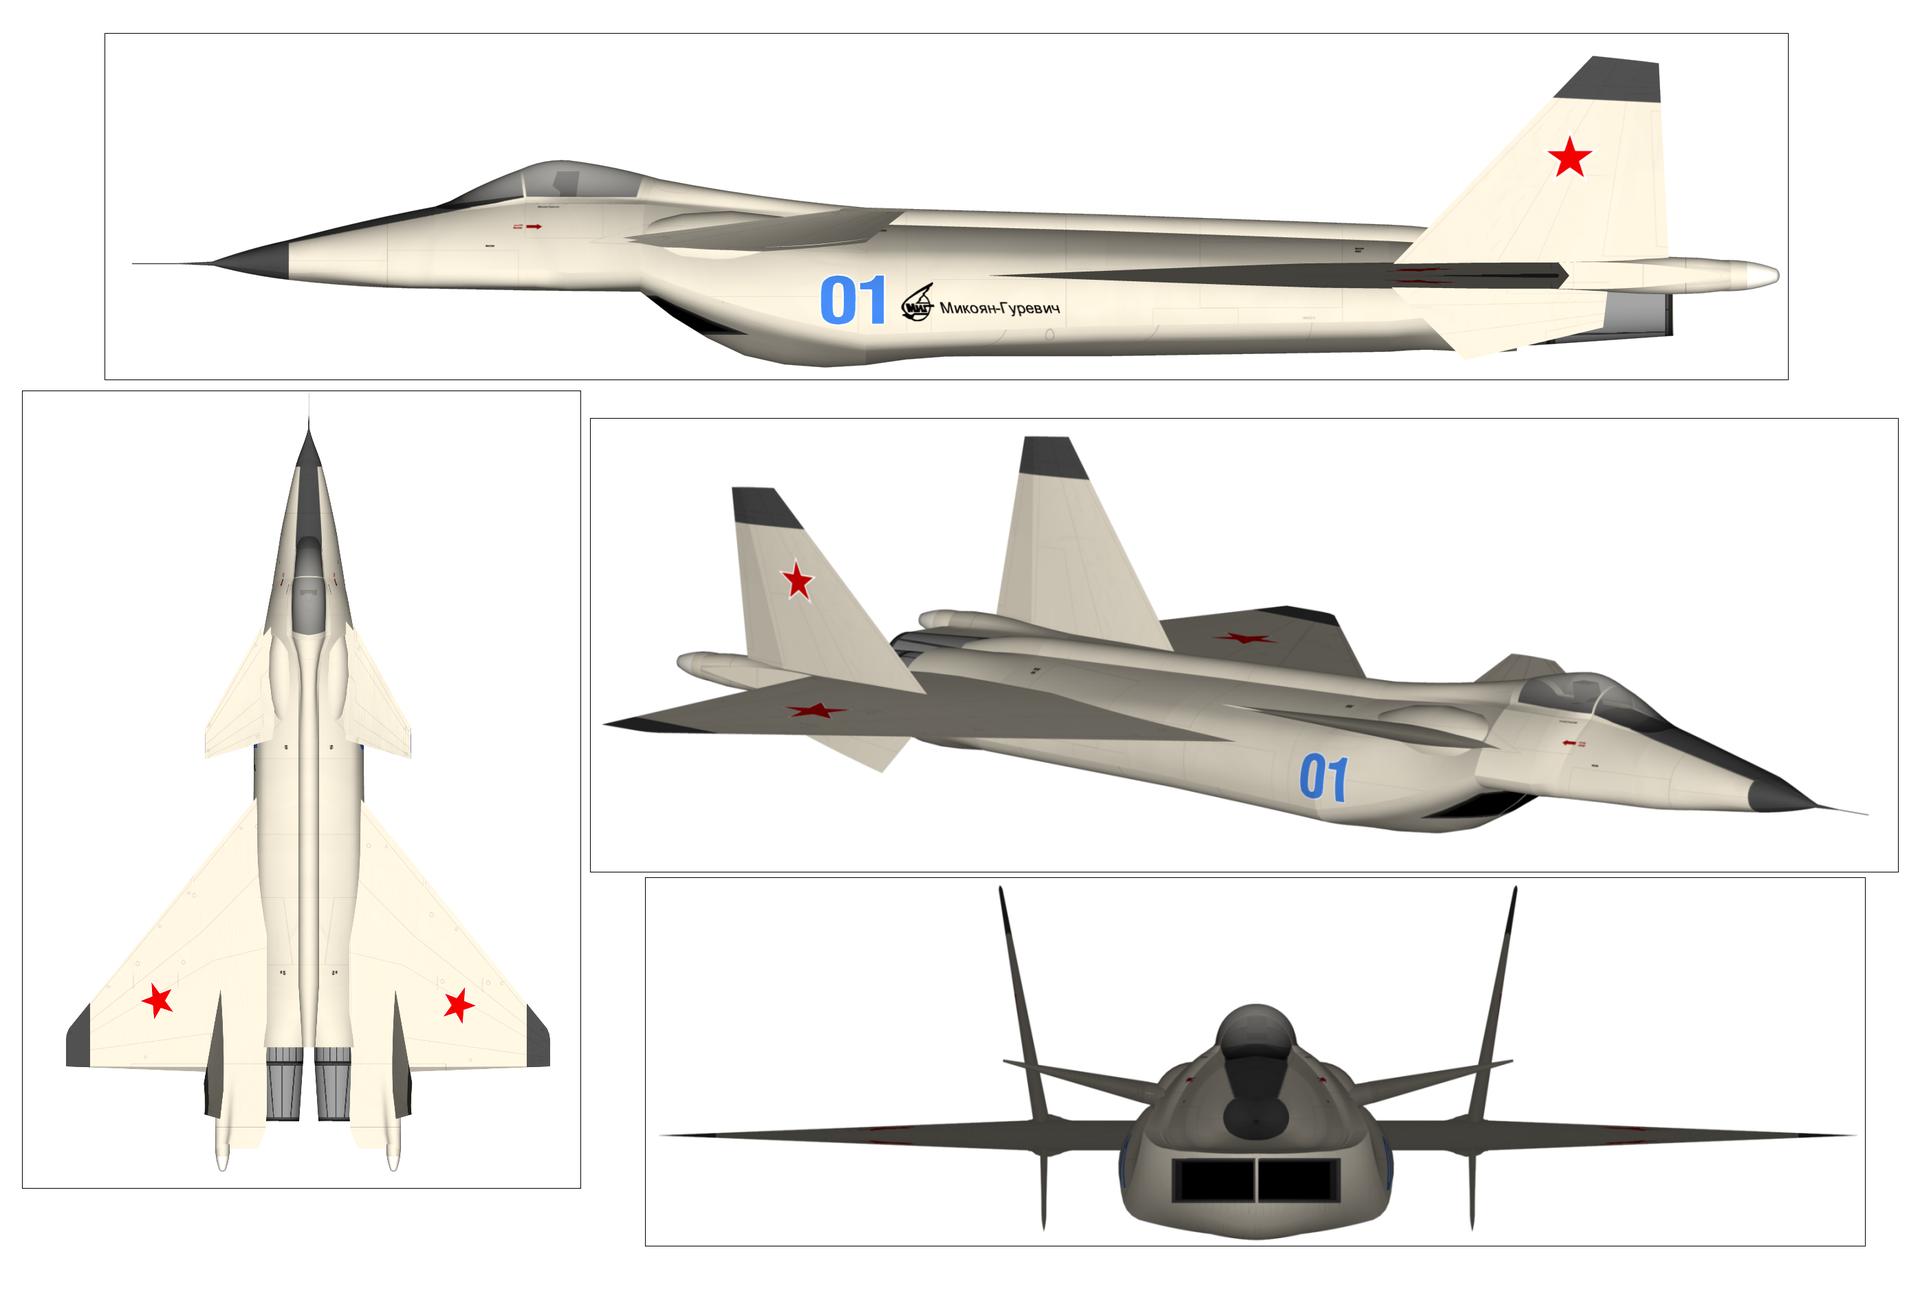 Imagem em três vistas do MiG 1.44